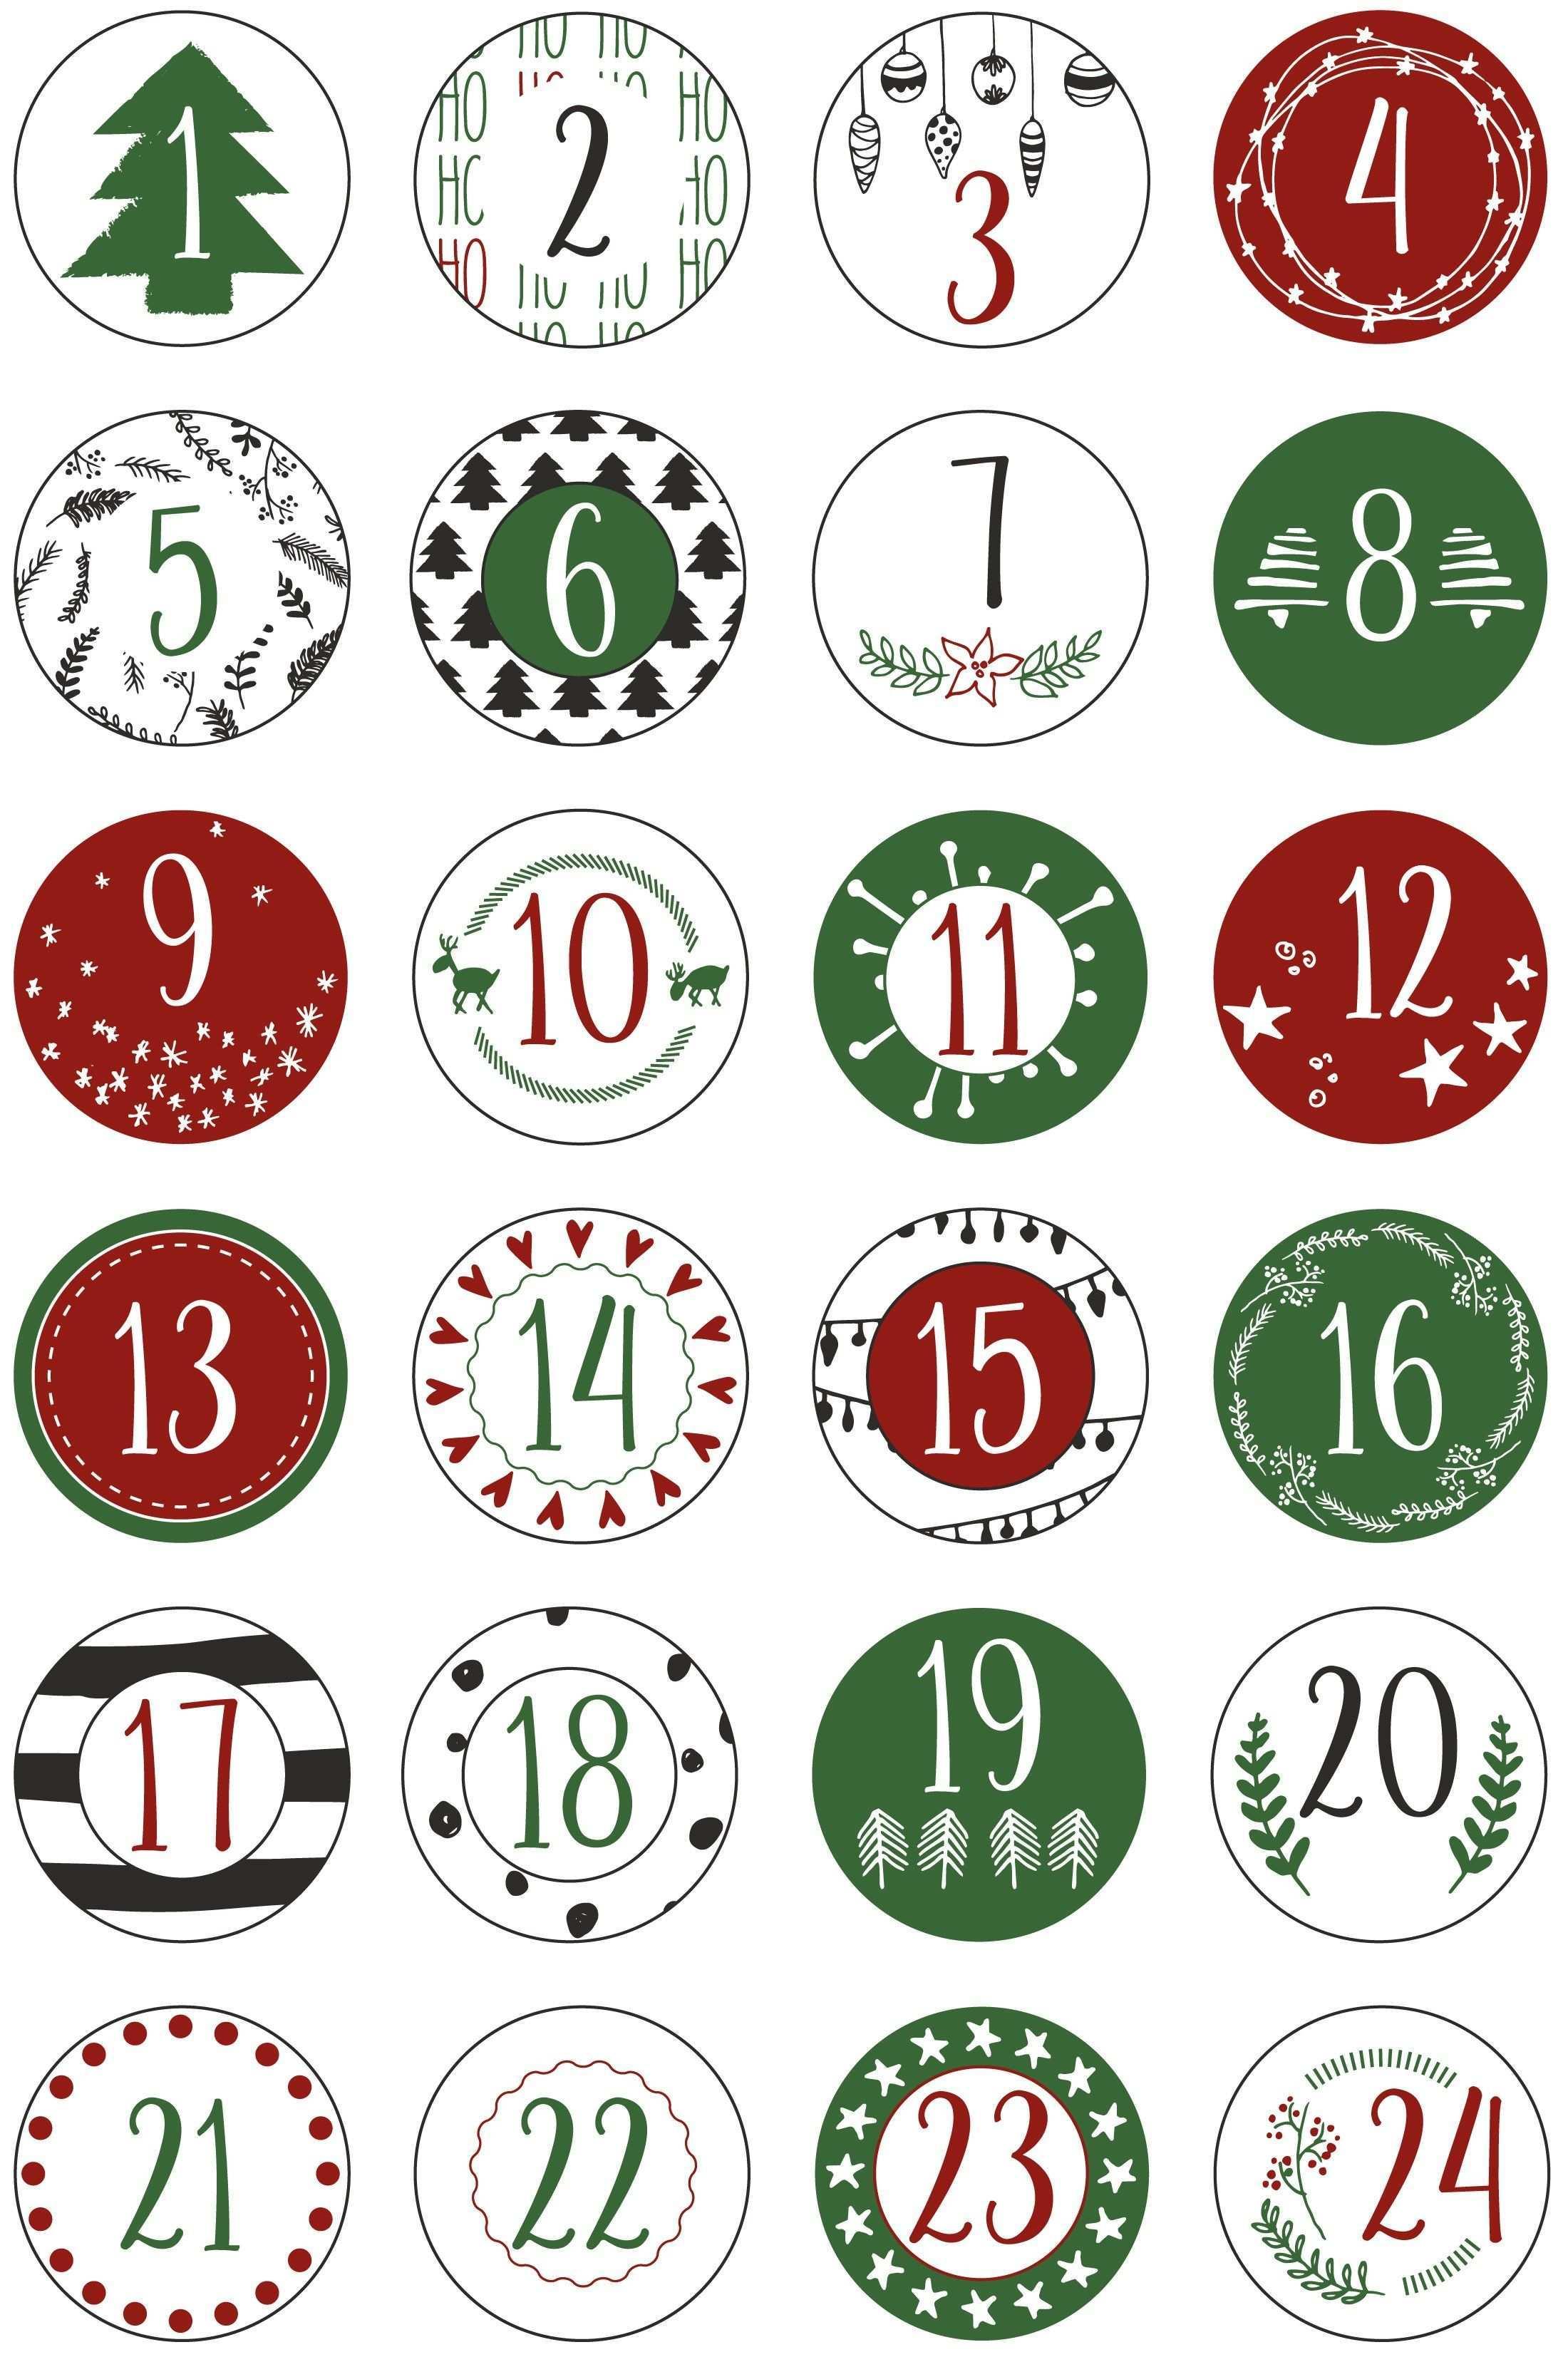 Adventskalender Selber Machen Diy Mit Anleitung Das Haus Adventkalender Adventskalender Selber Machen Adventkalender Basteln